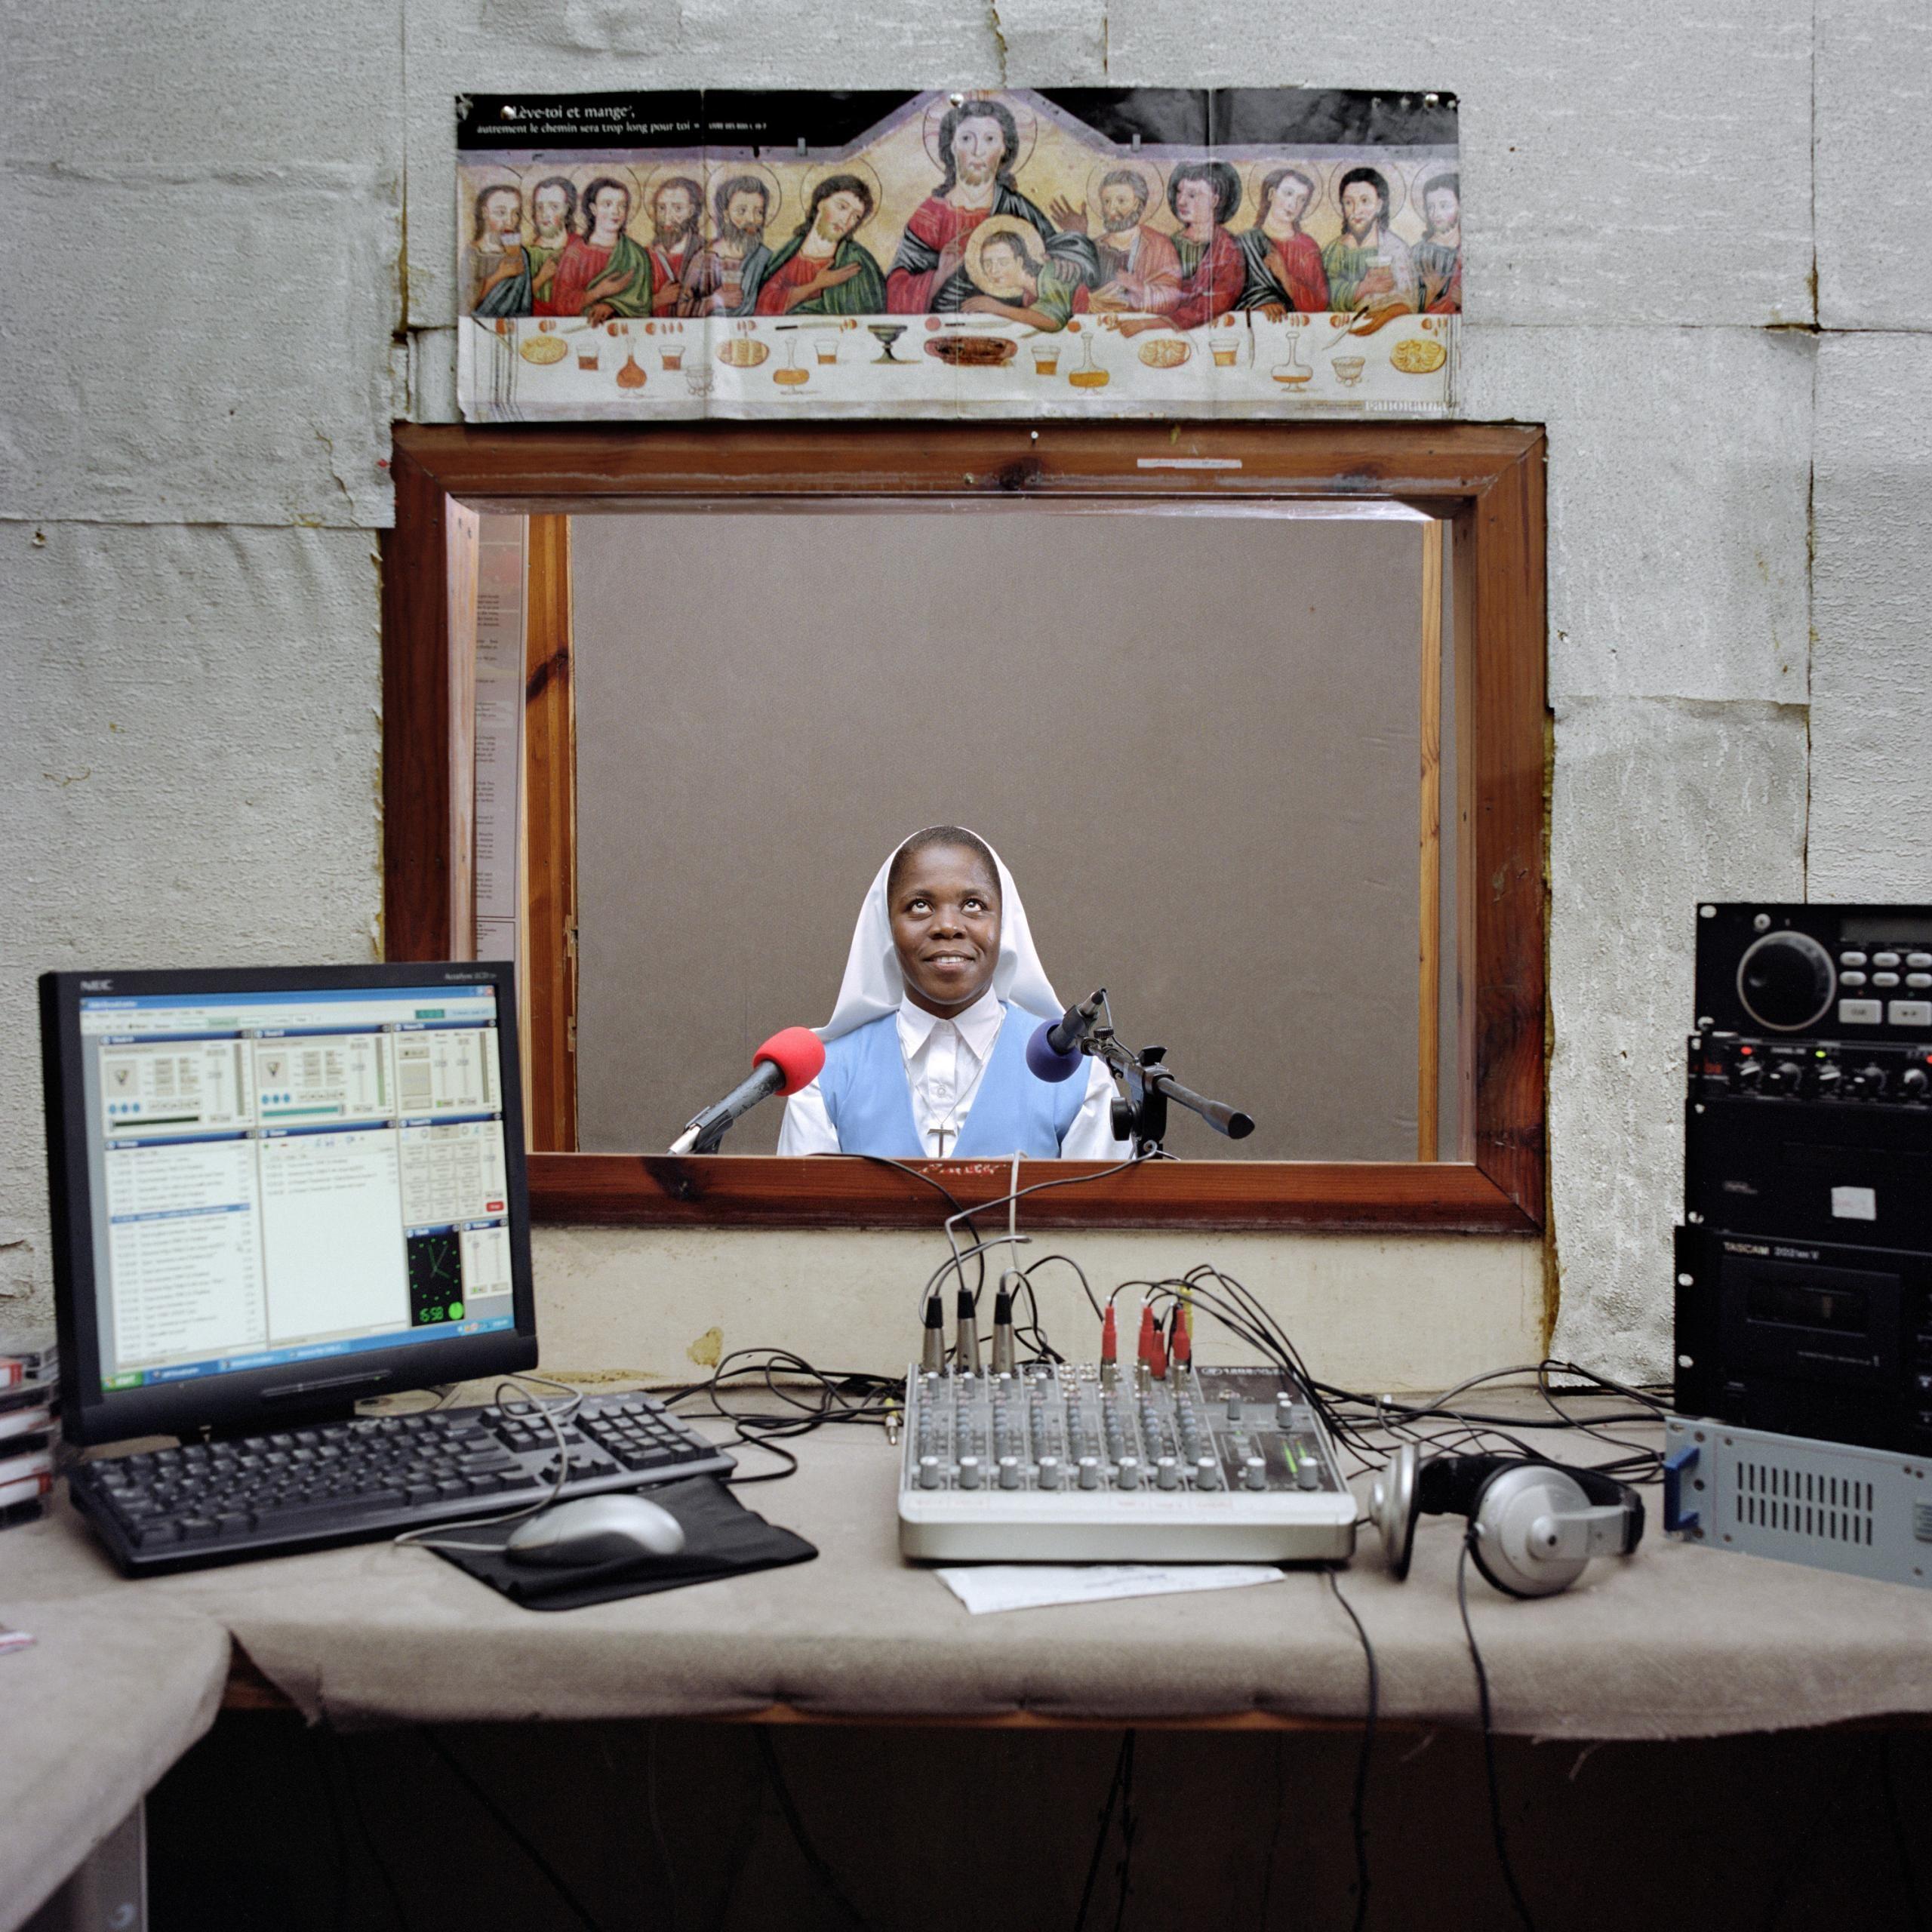 En 2012, Paolo Woods obtuvo el tercer premio individual en la categoría Daily Life con esta imagen titulada Radio Haití.